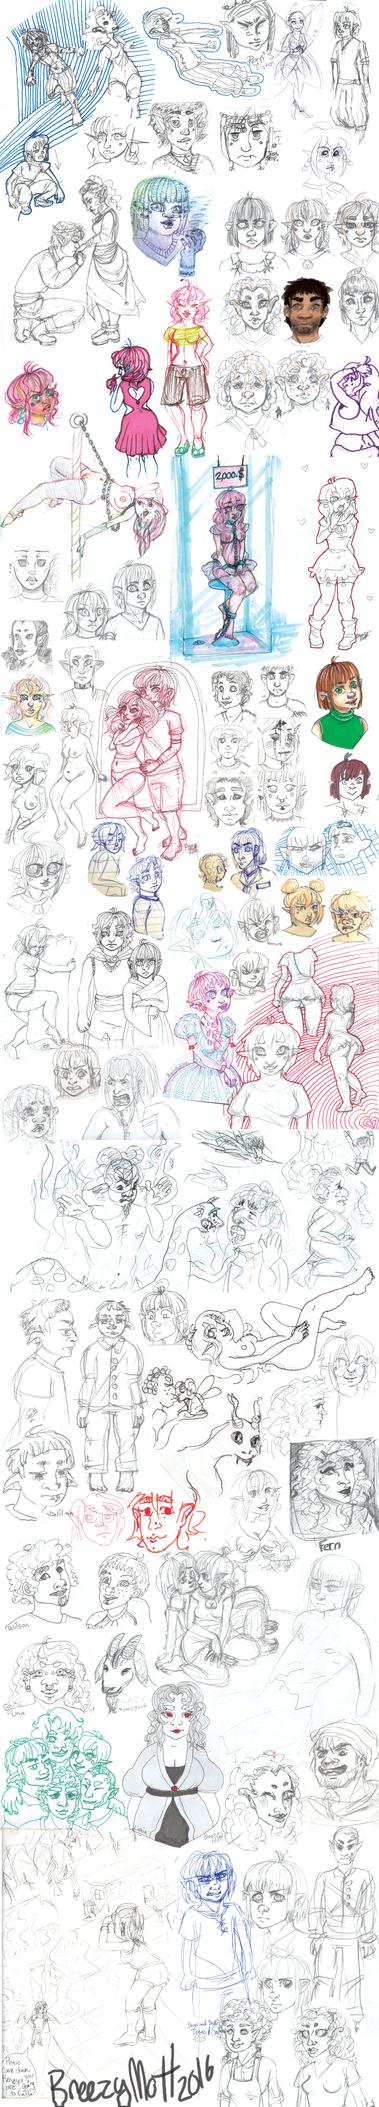 Sketchdump 42 Ocs by MottInThePot